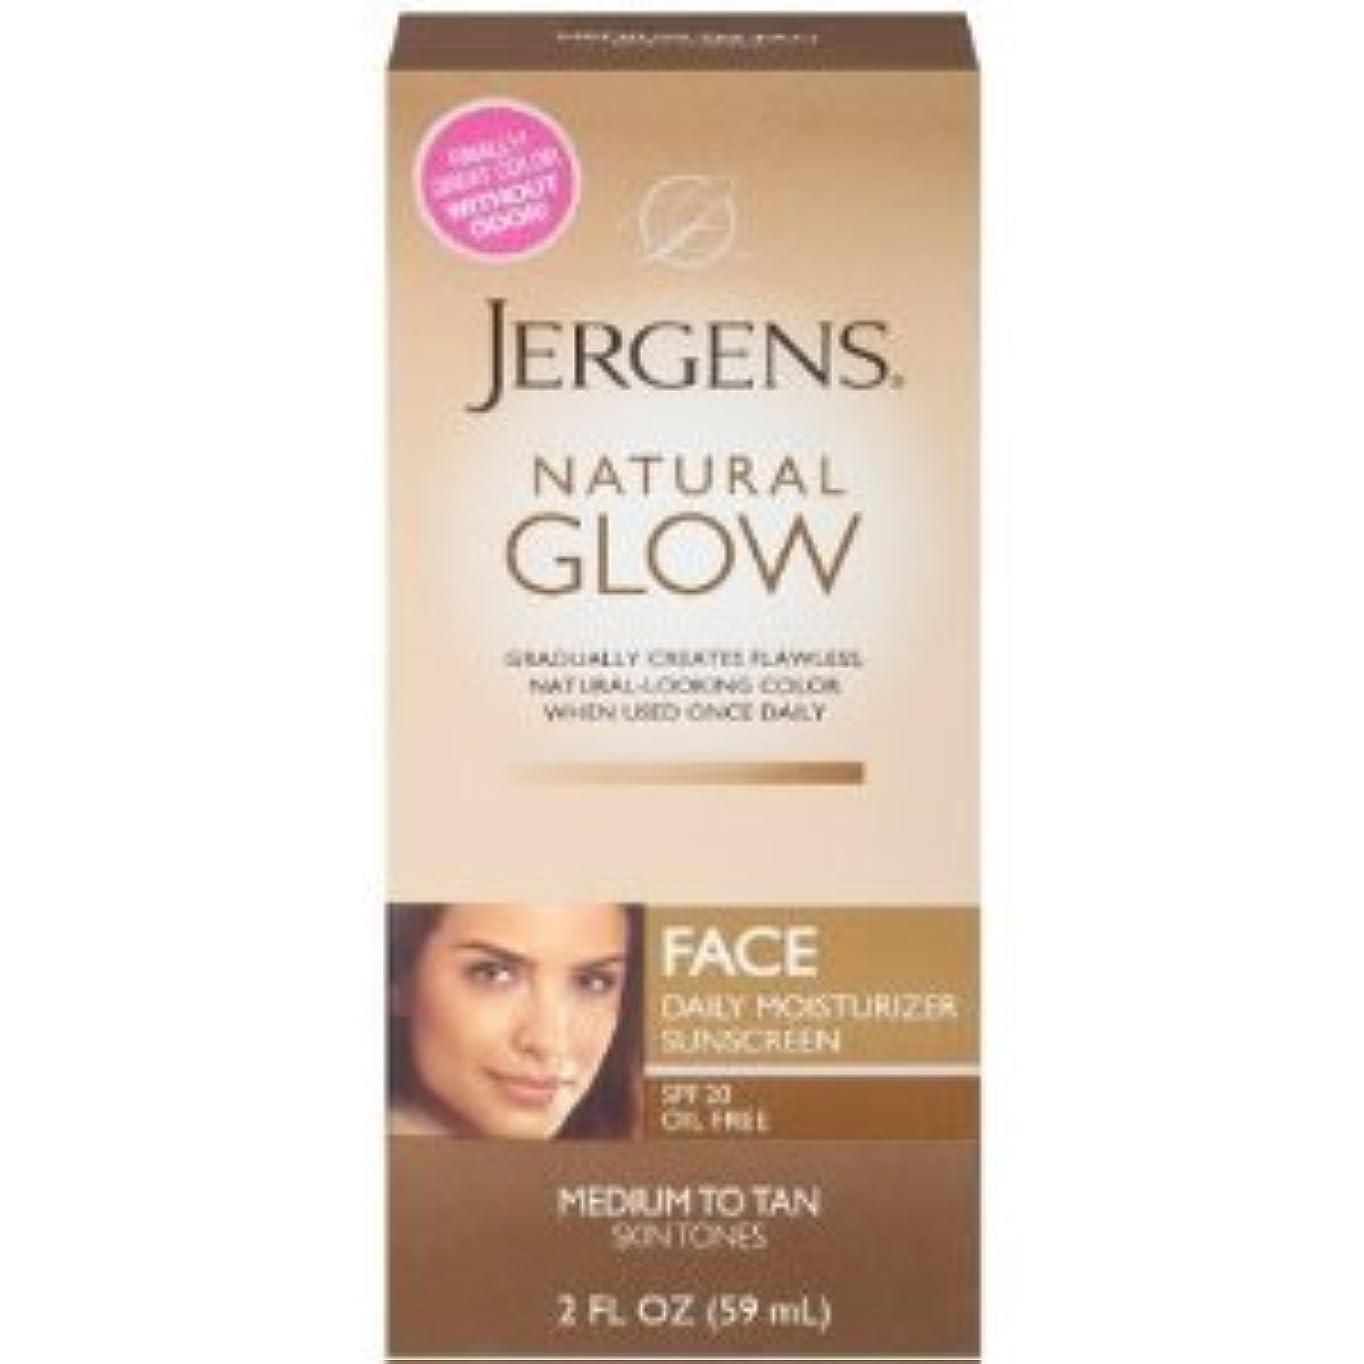 呼びかける原始的なトロイの木馬Natural Glow Healthy Complexion Daily Facial Moisturizer, SPF 20, Medium to Tan, (59ml) (海外直送品)